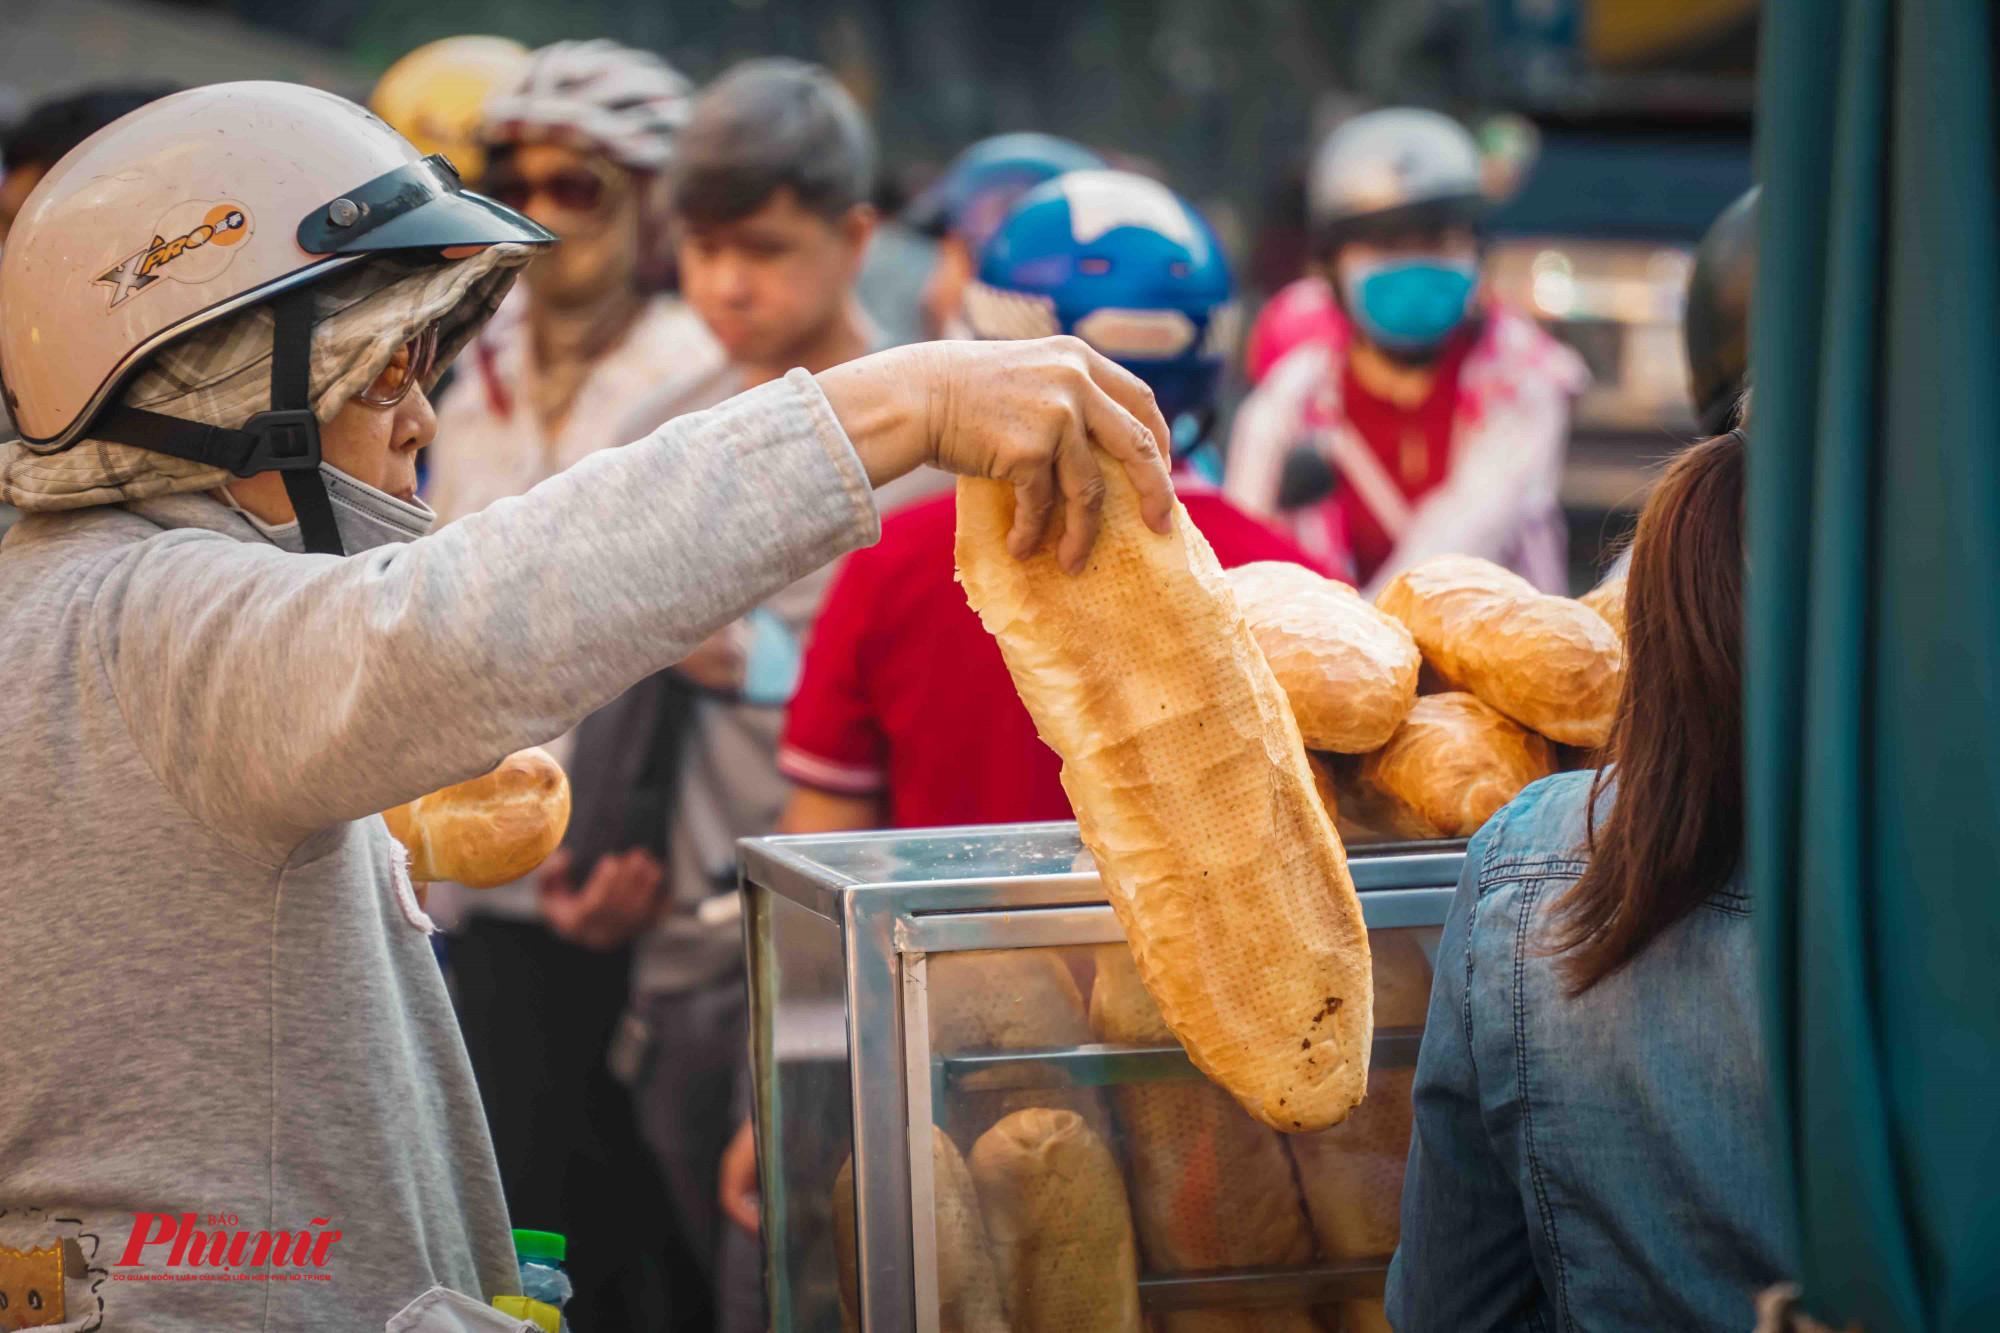 bánh mì trở thành mặt hàng khan hiếm sáng nay tại Quận 5